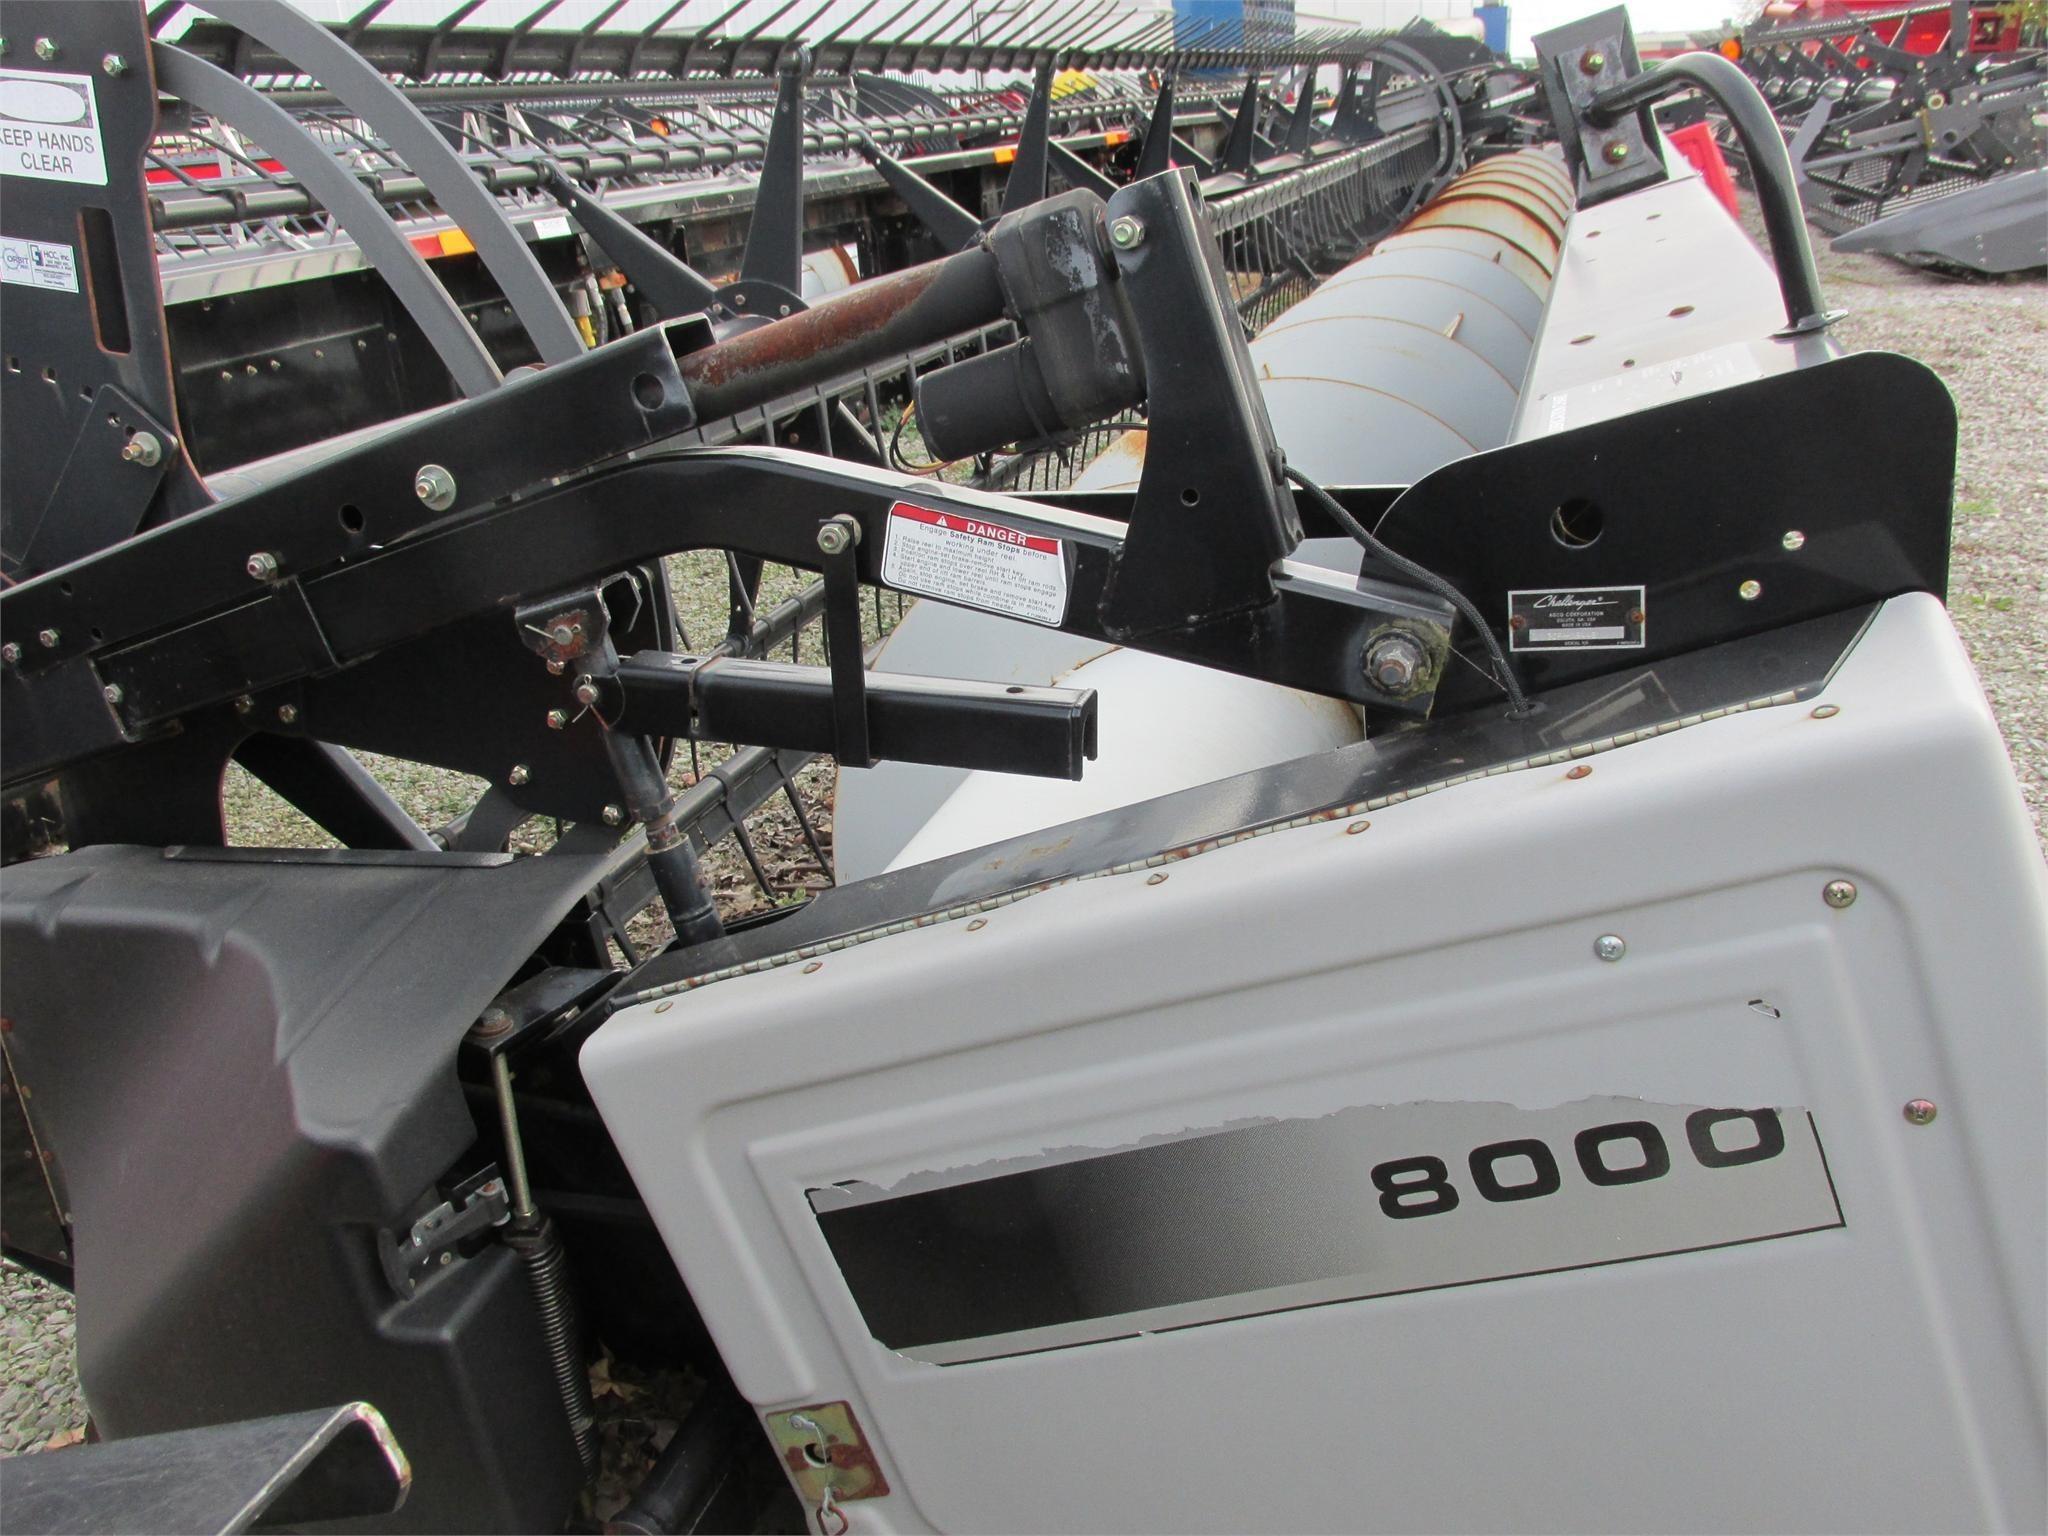 2004 Gleaner 8000 Platform